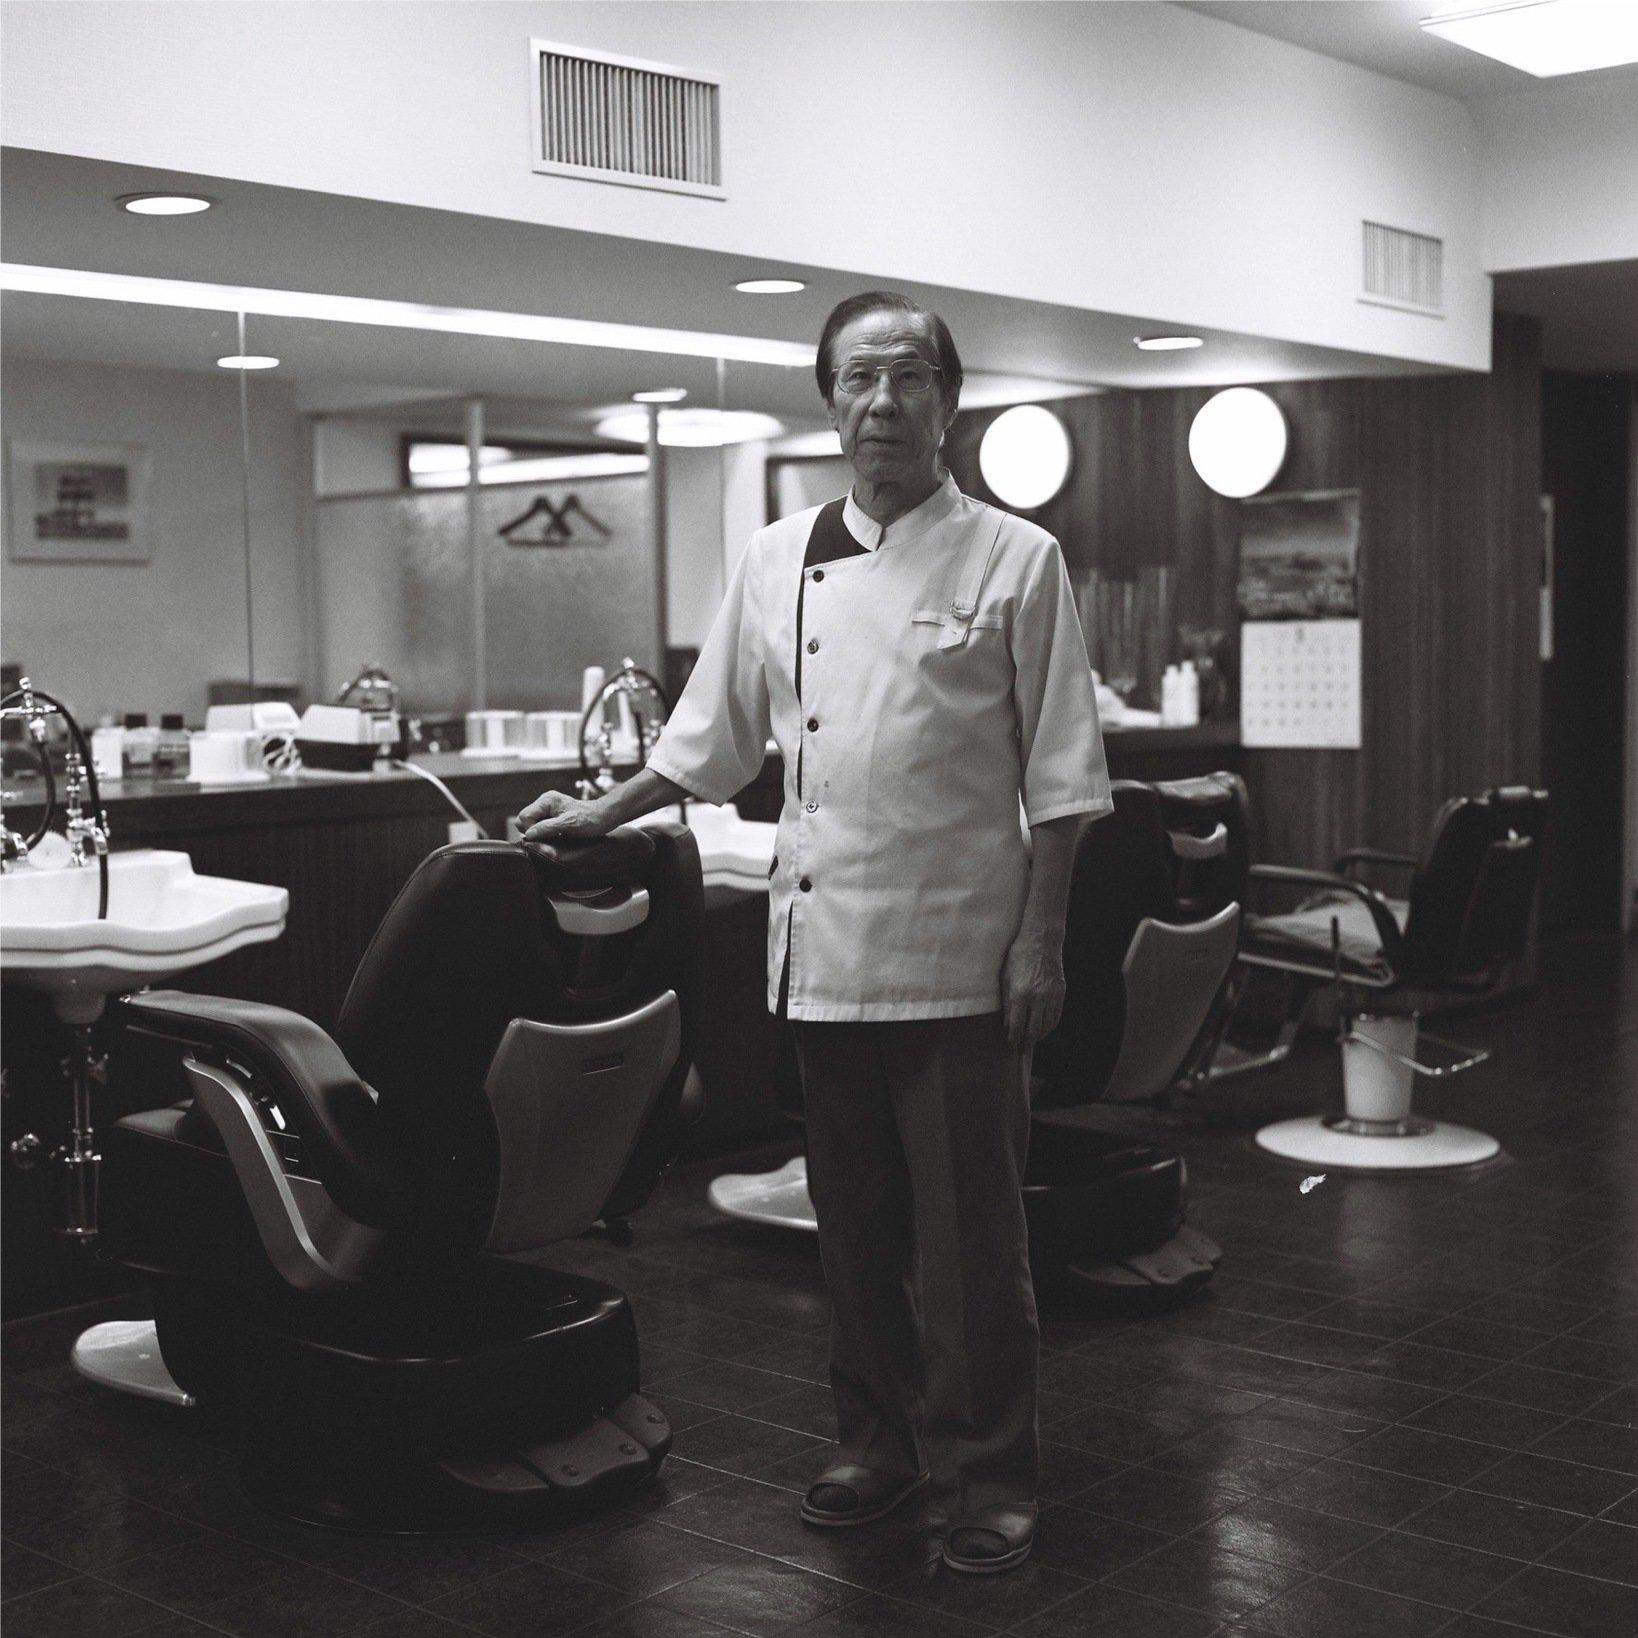 理容師として老舗や超一流ホテルの理容室で修行を積み、政財界や著名人の髪を整え続けて六十有余年。いまでも現役で腕を振るう斉藤征男マスター。『HASSELBLAD 500C』で撮ると人の歴史まで写り込むようだ。